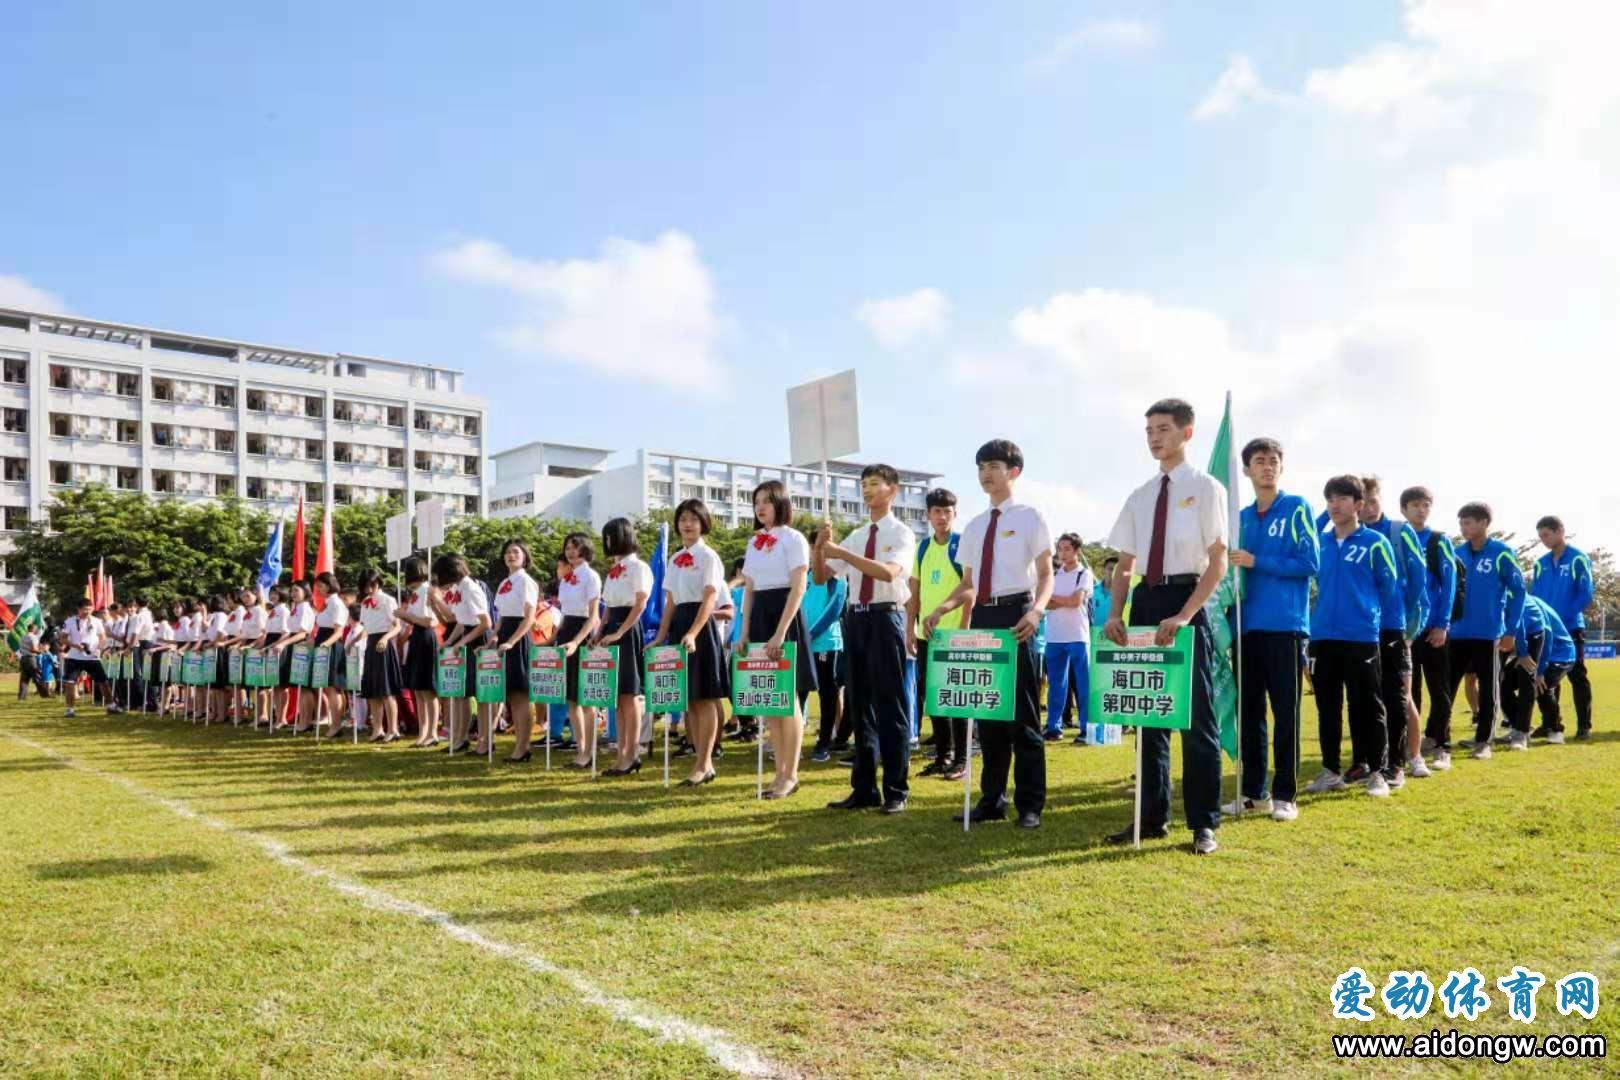 2018-2019年度海口市校园足球联赛开幕